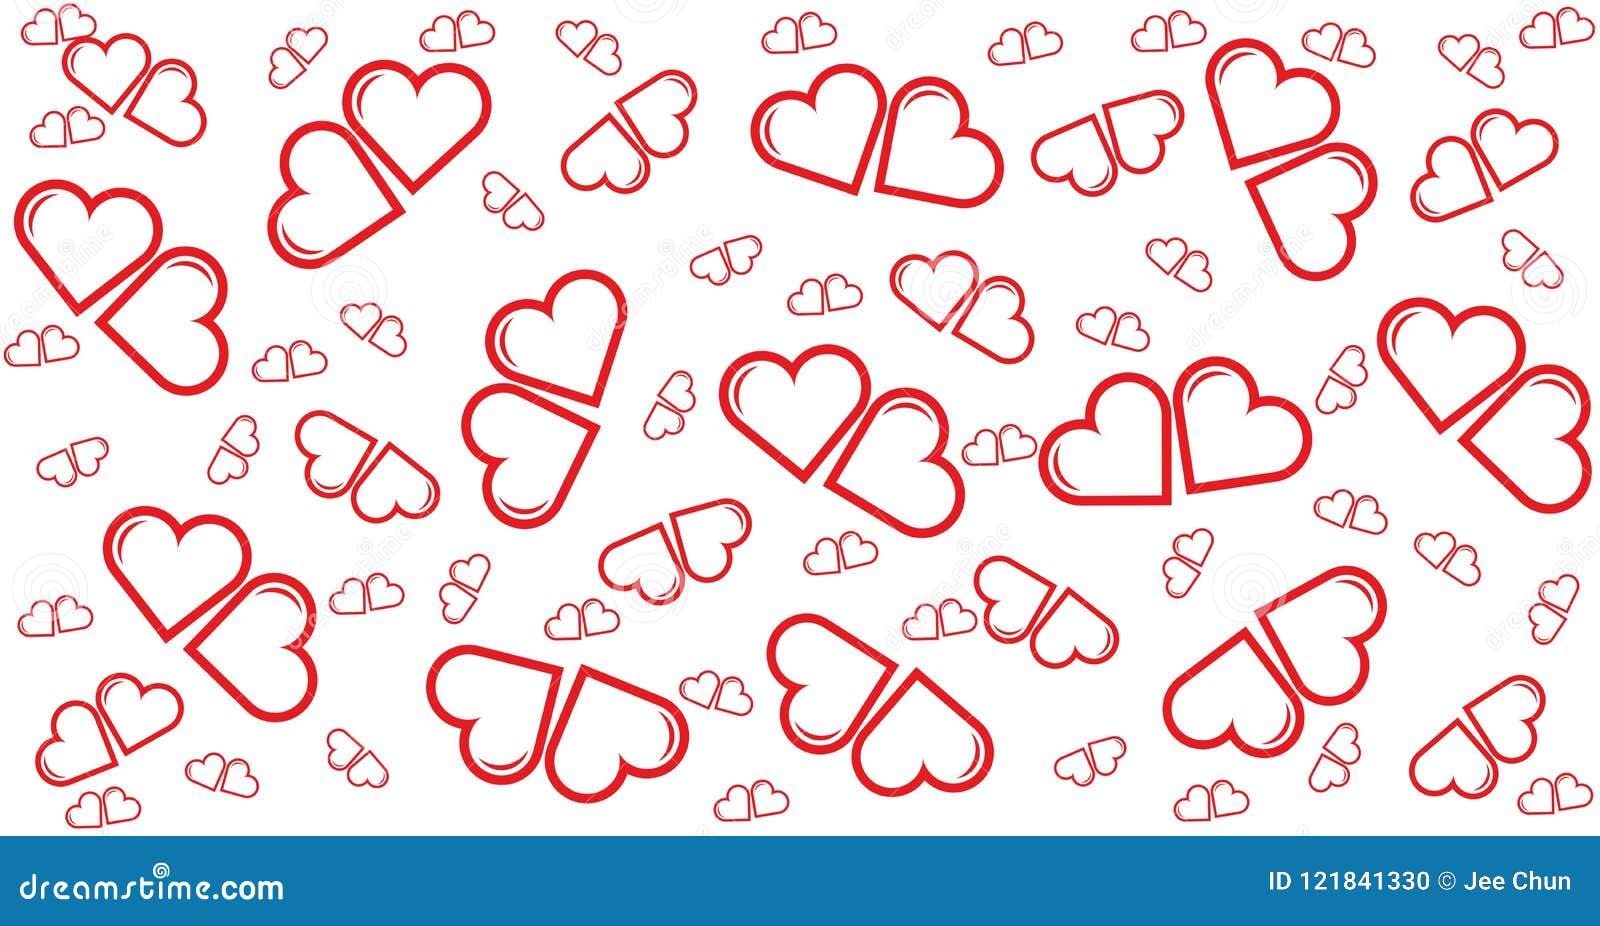 Λίγη κόκκινη καρδιά ζευγών, κάρτα, σχέδιο, πρότυπο για την ευτυχία